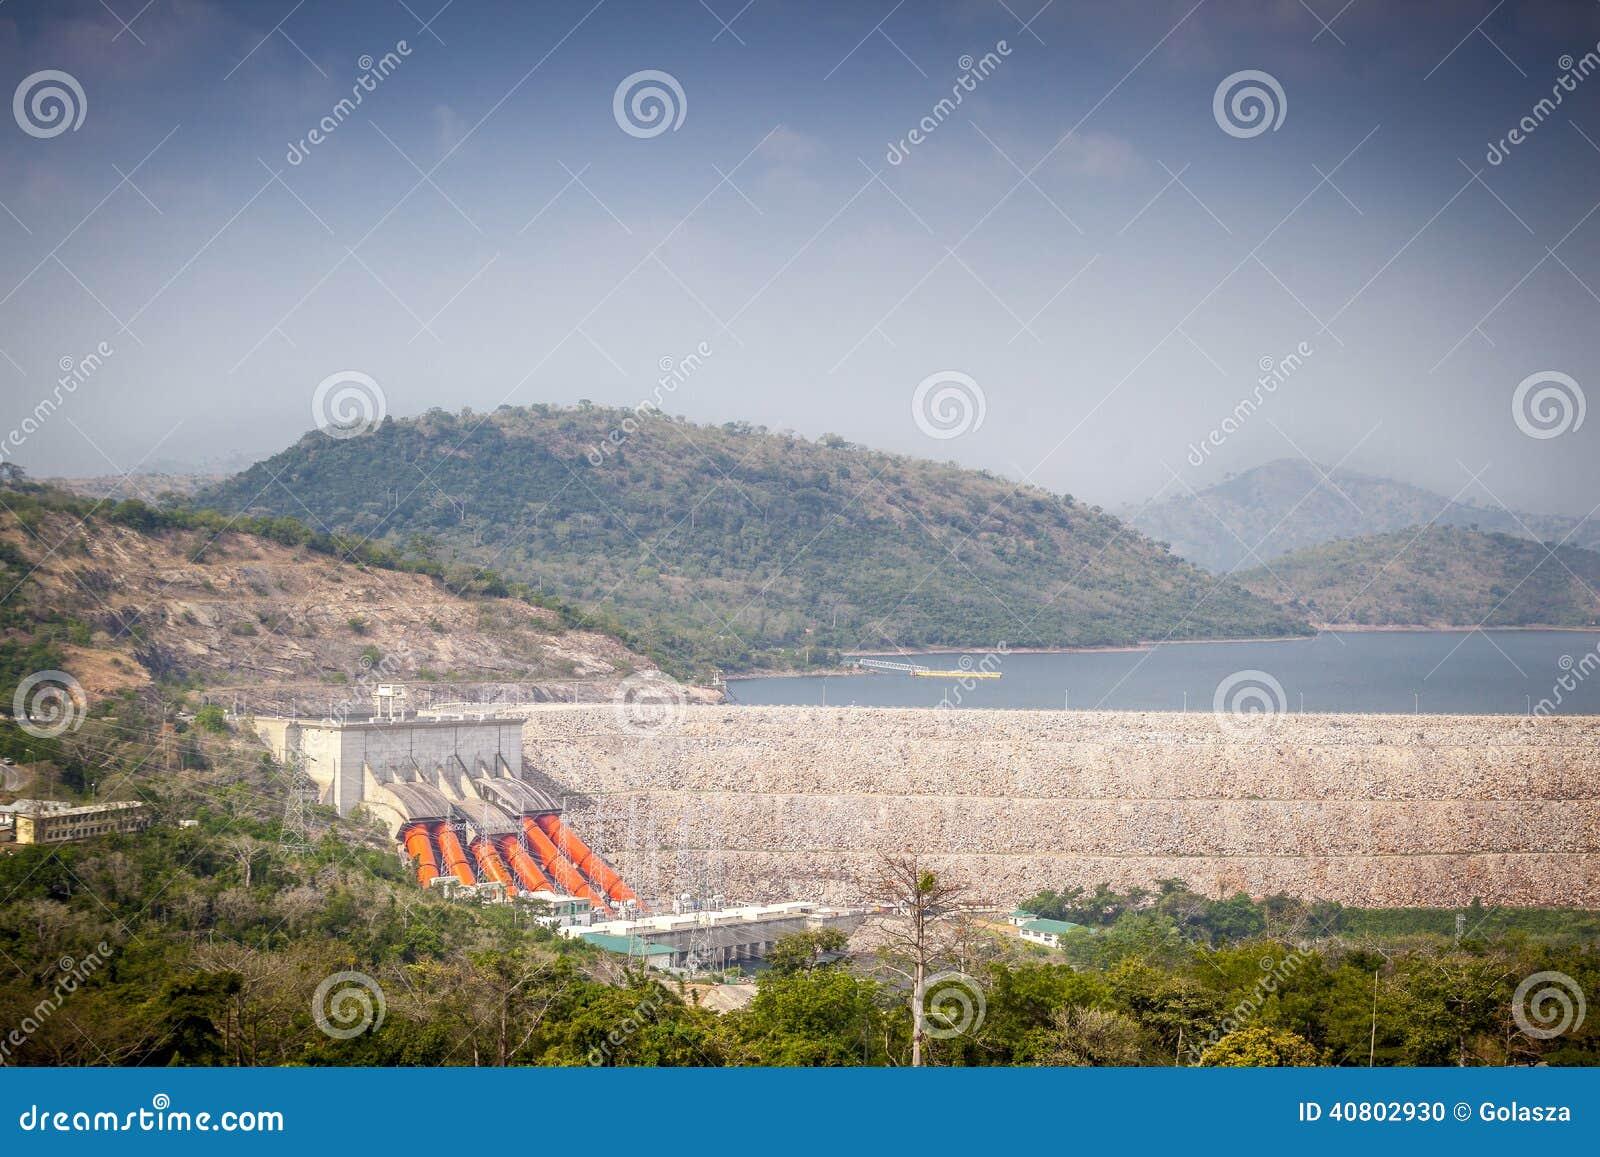 Centrale idroelettrica di Akosombo sul fiume del Volta nel Ghana